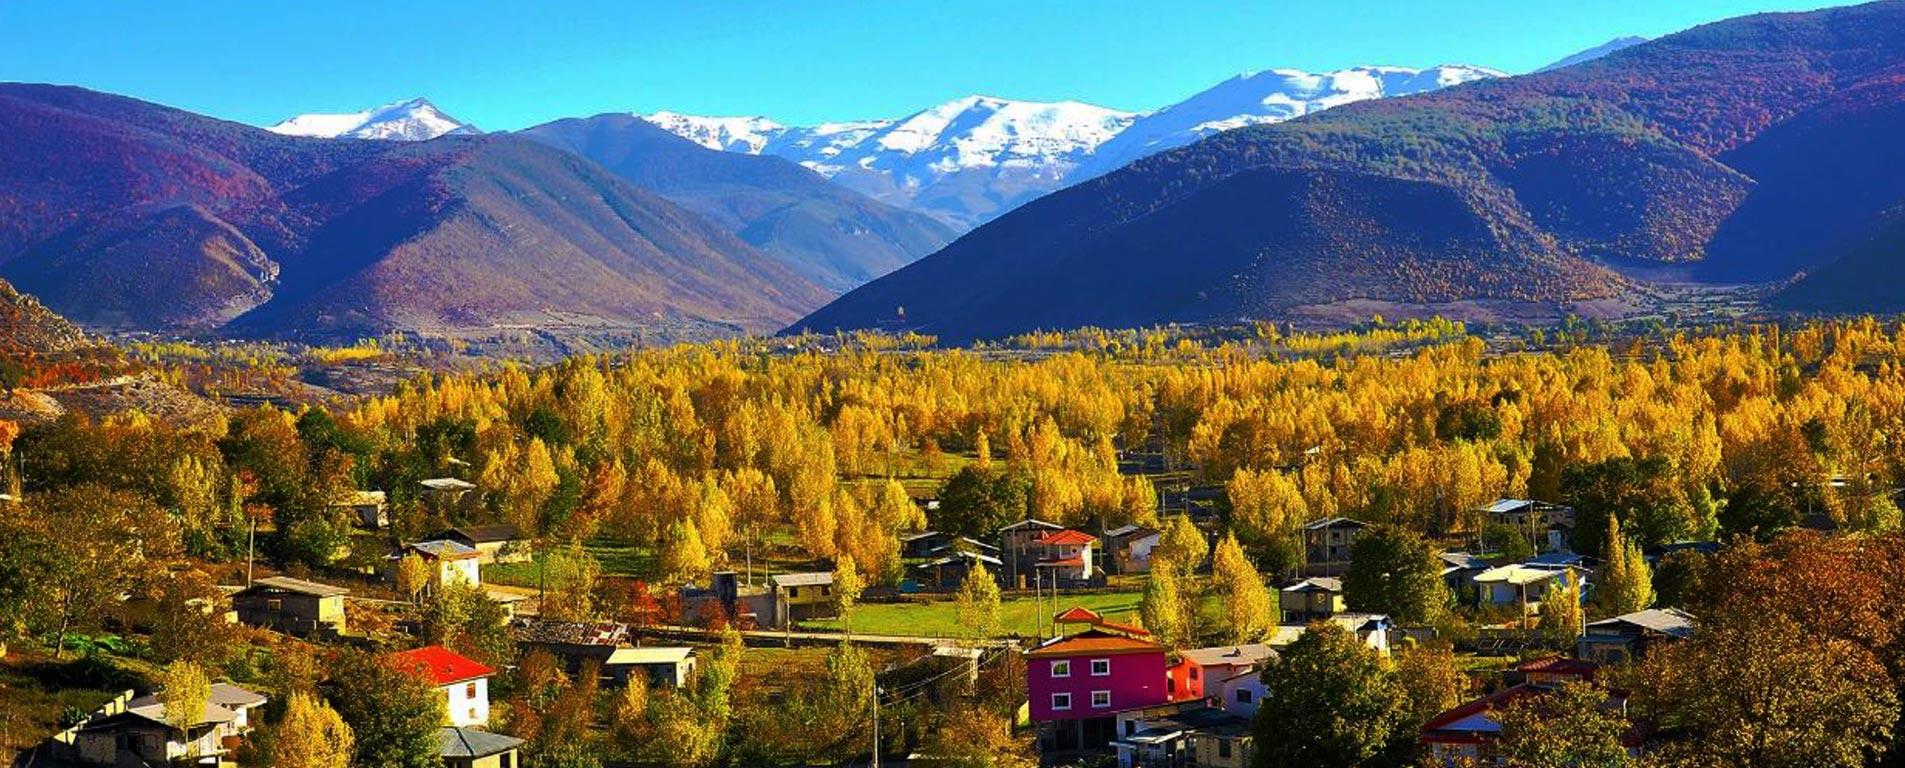 روستای کندلوس ، روستایی کوچک پر از زیبایی